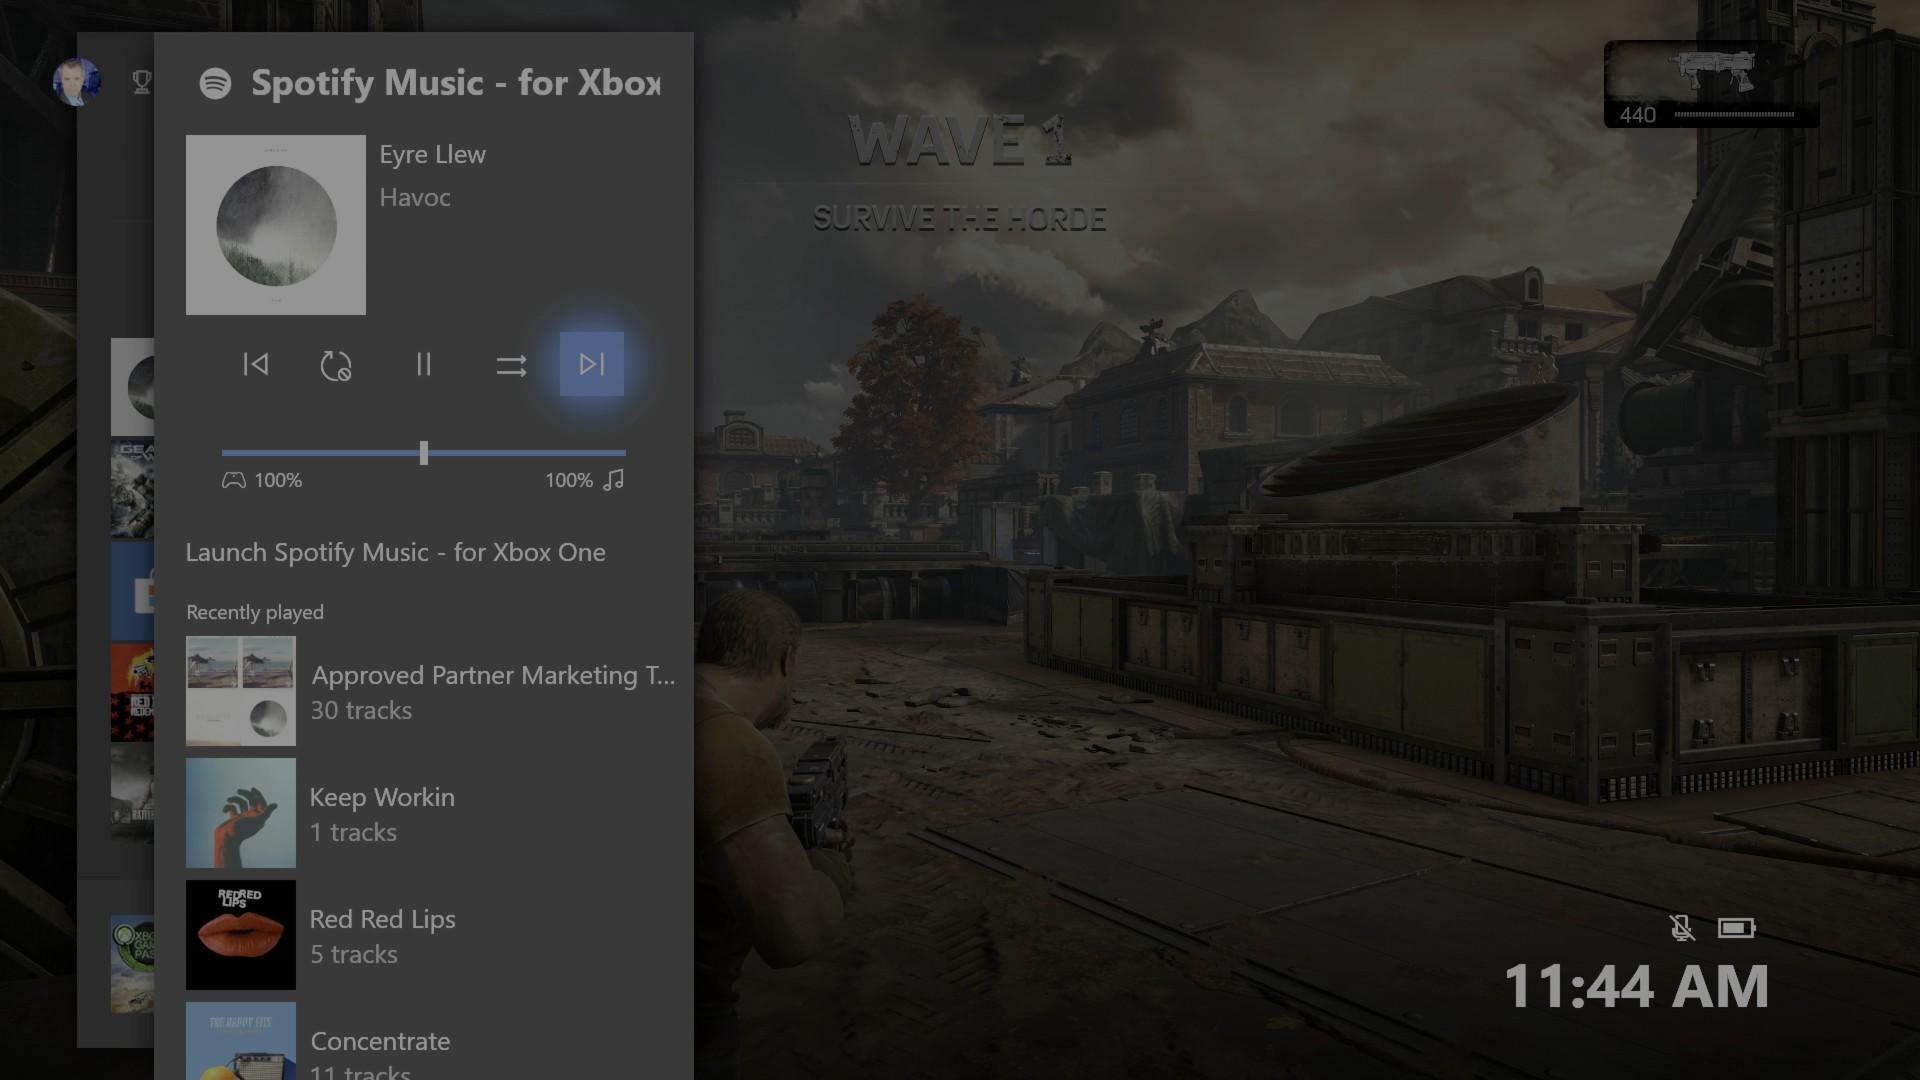 Die neue Spotify App für die Xbox One